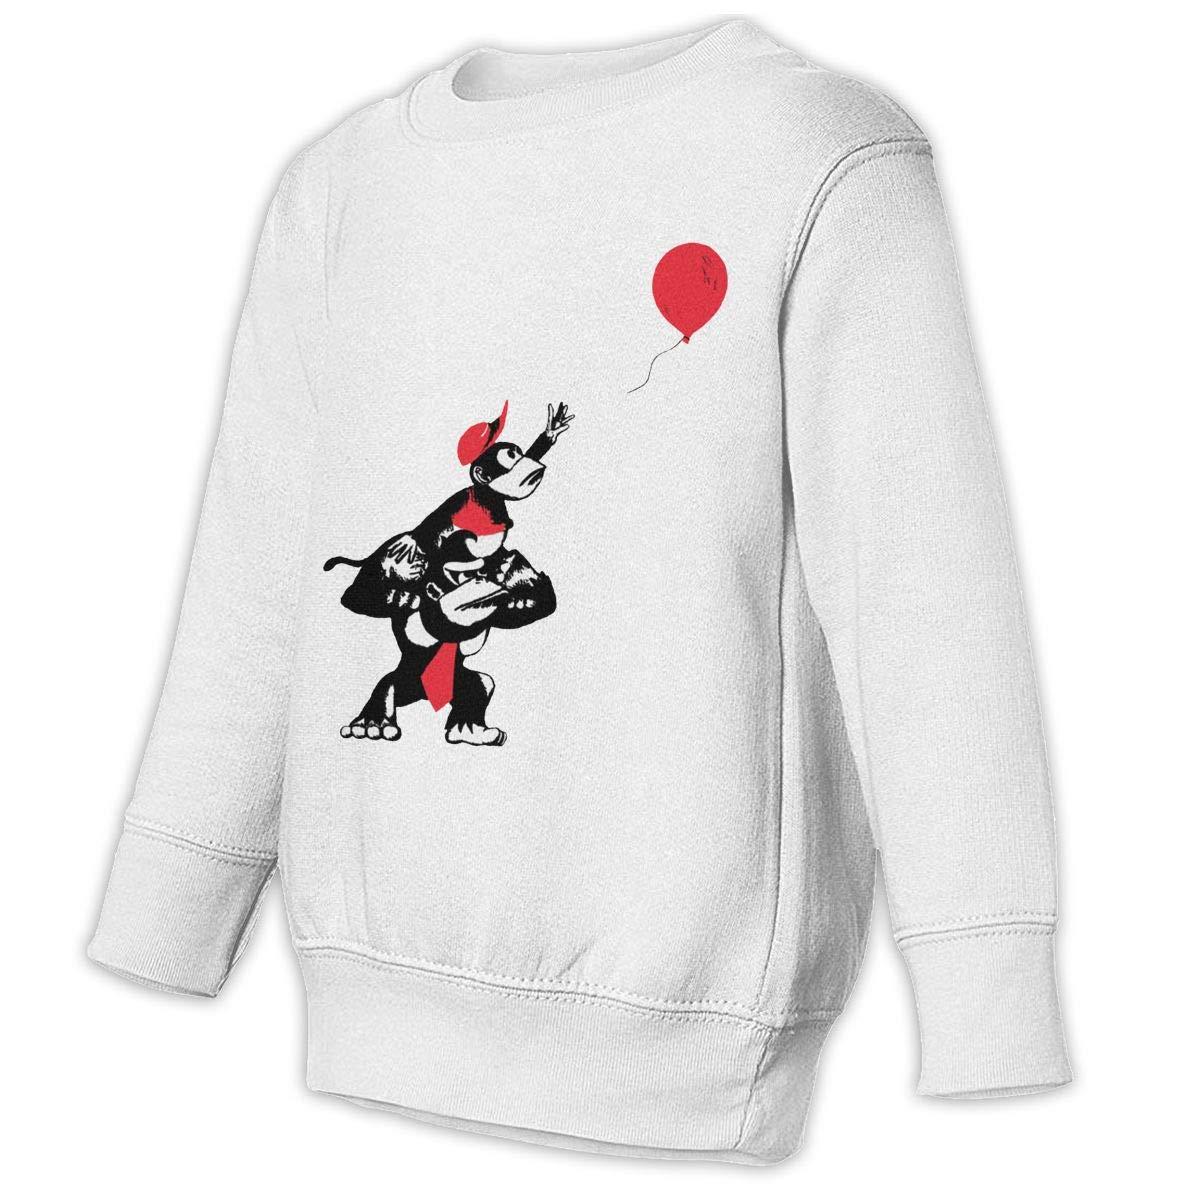 Gorilla Kids Unisex Cotton Long Sleeve Round Neck Pullover